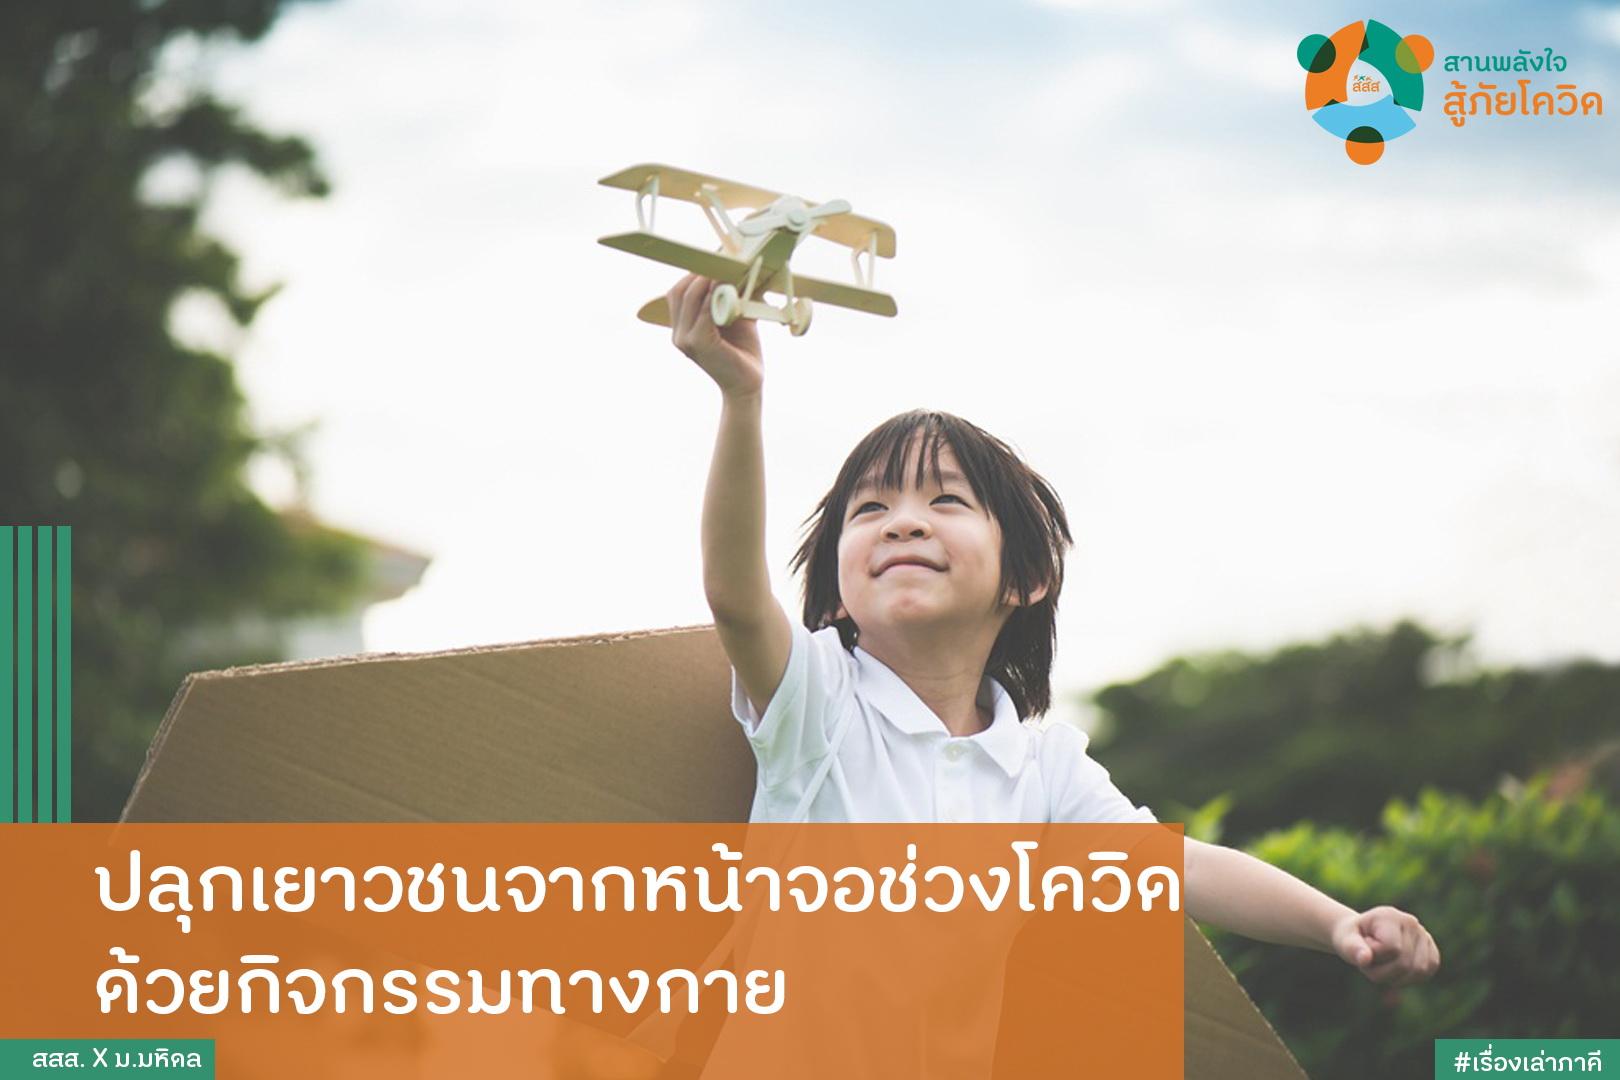 ปลุกเยาวชนจากหน้าจอช่วงโควิด ด้วยกิจกรรมทางกาย thaihealth